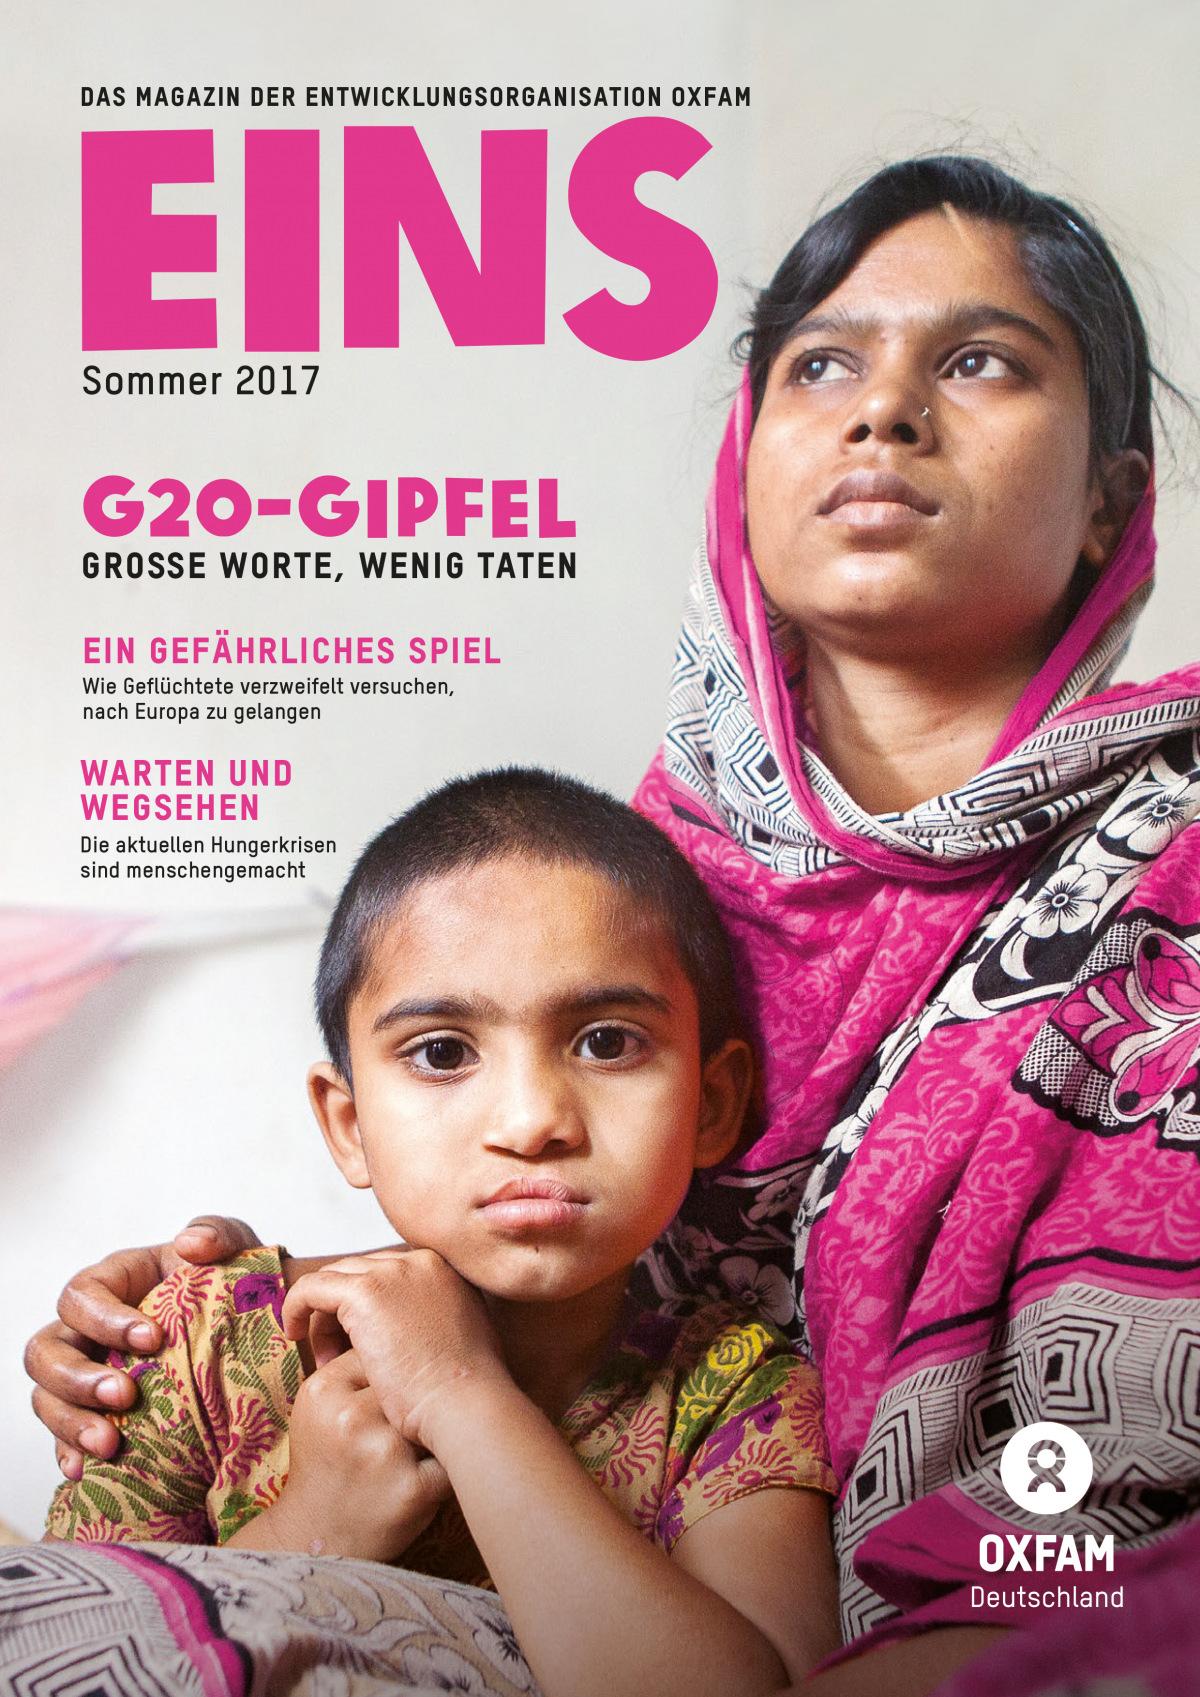 Titelbild vom Oxfam-Magazin EINS (Sommer 2017)